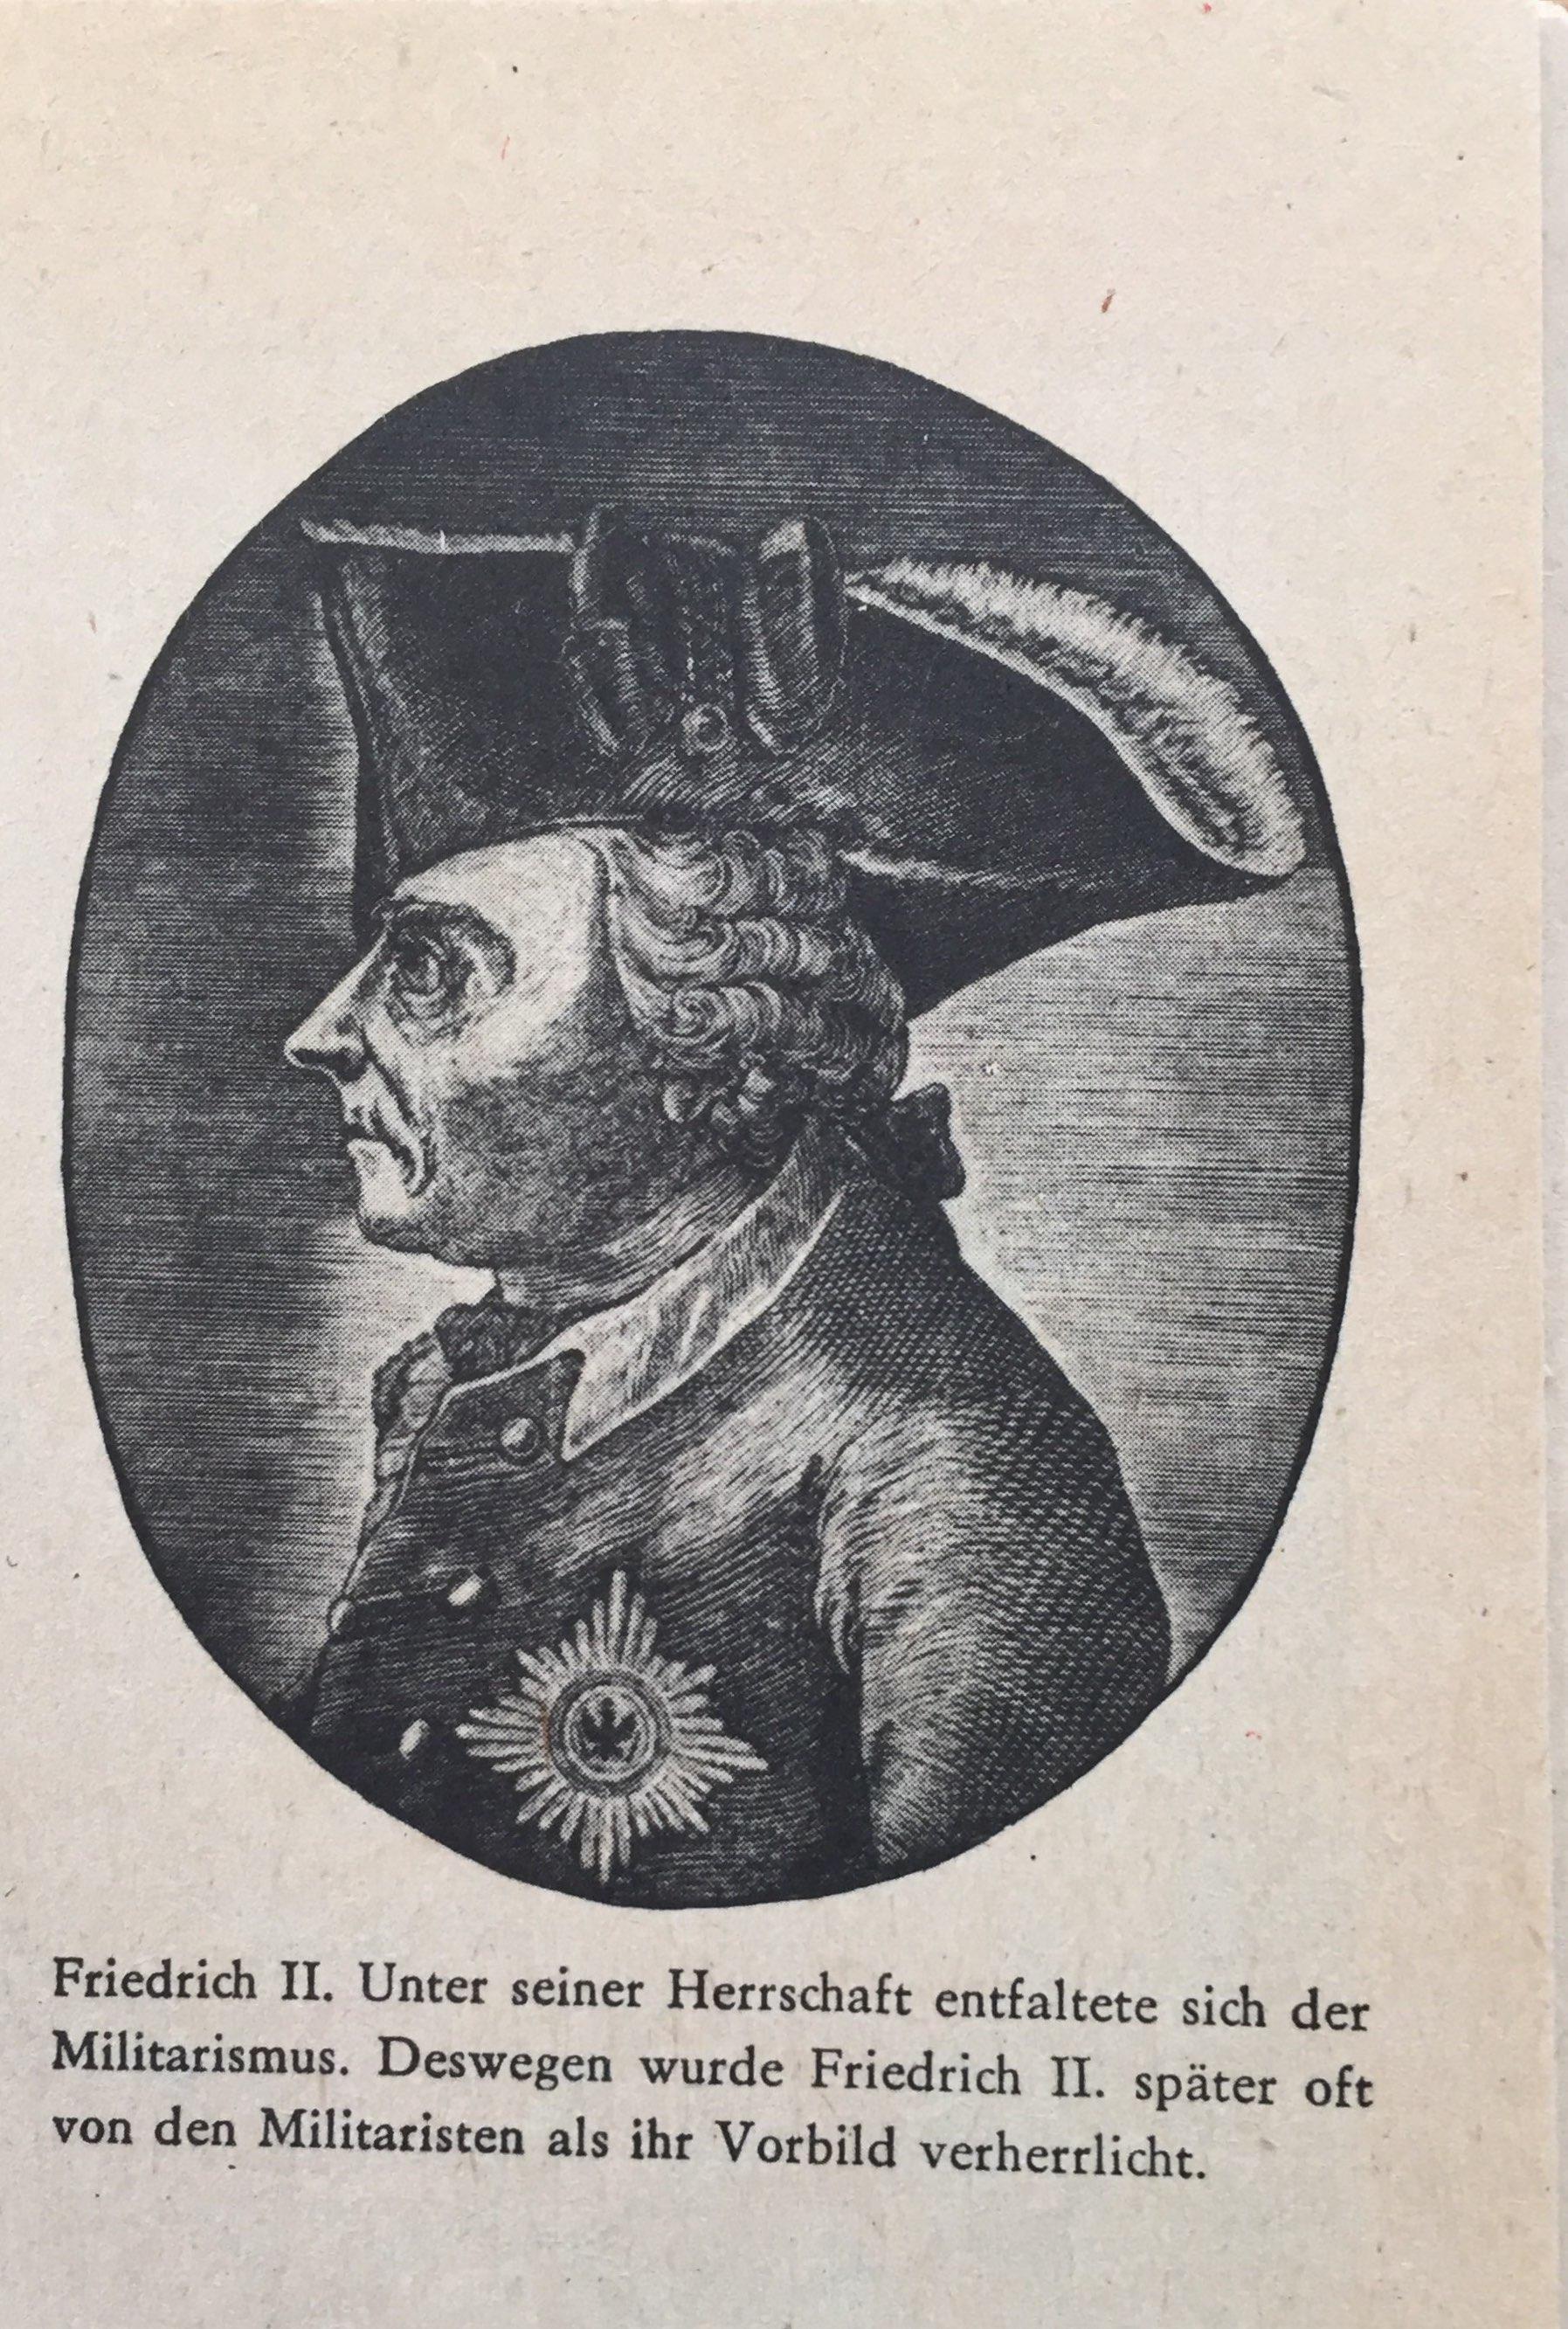 Die Eroberungskriege Friedrichs II.